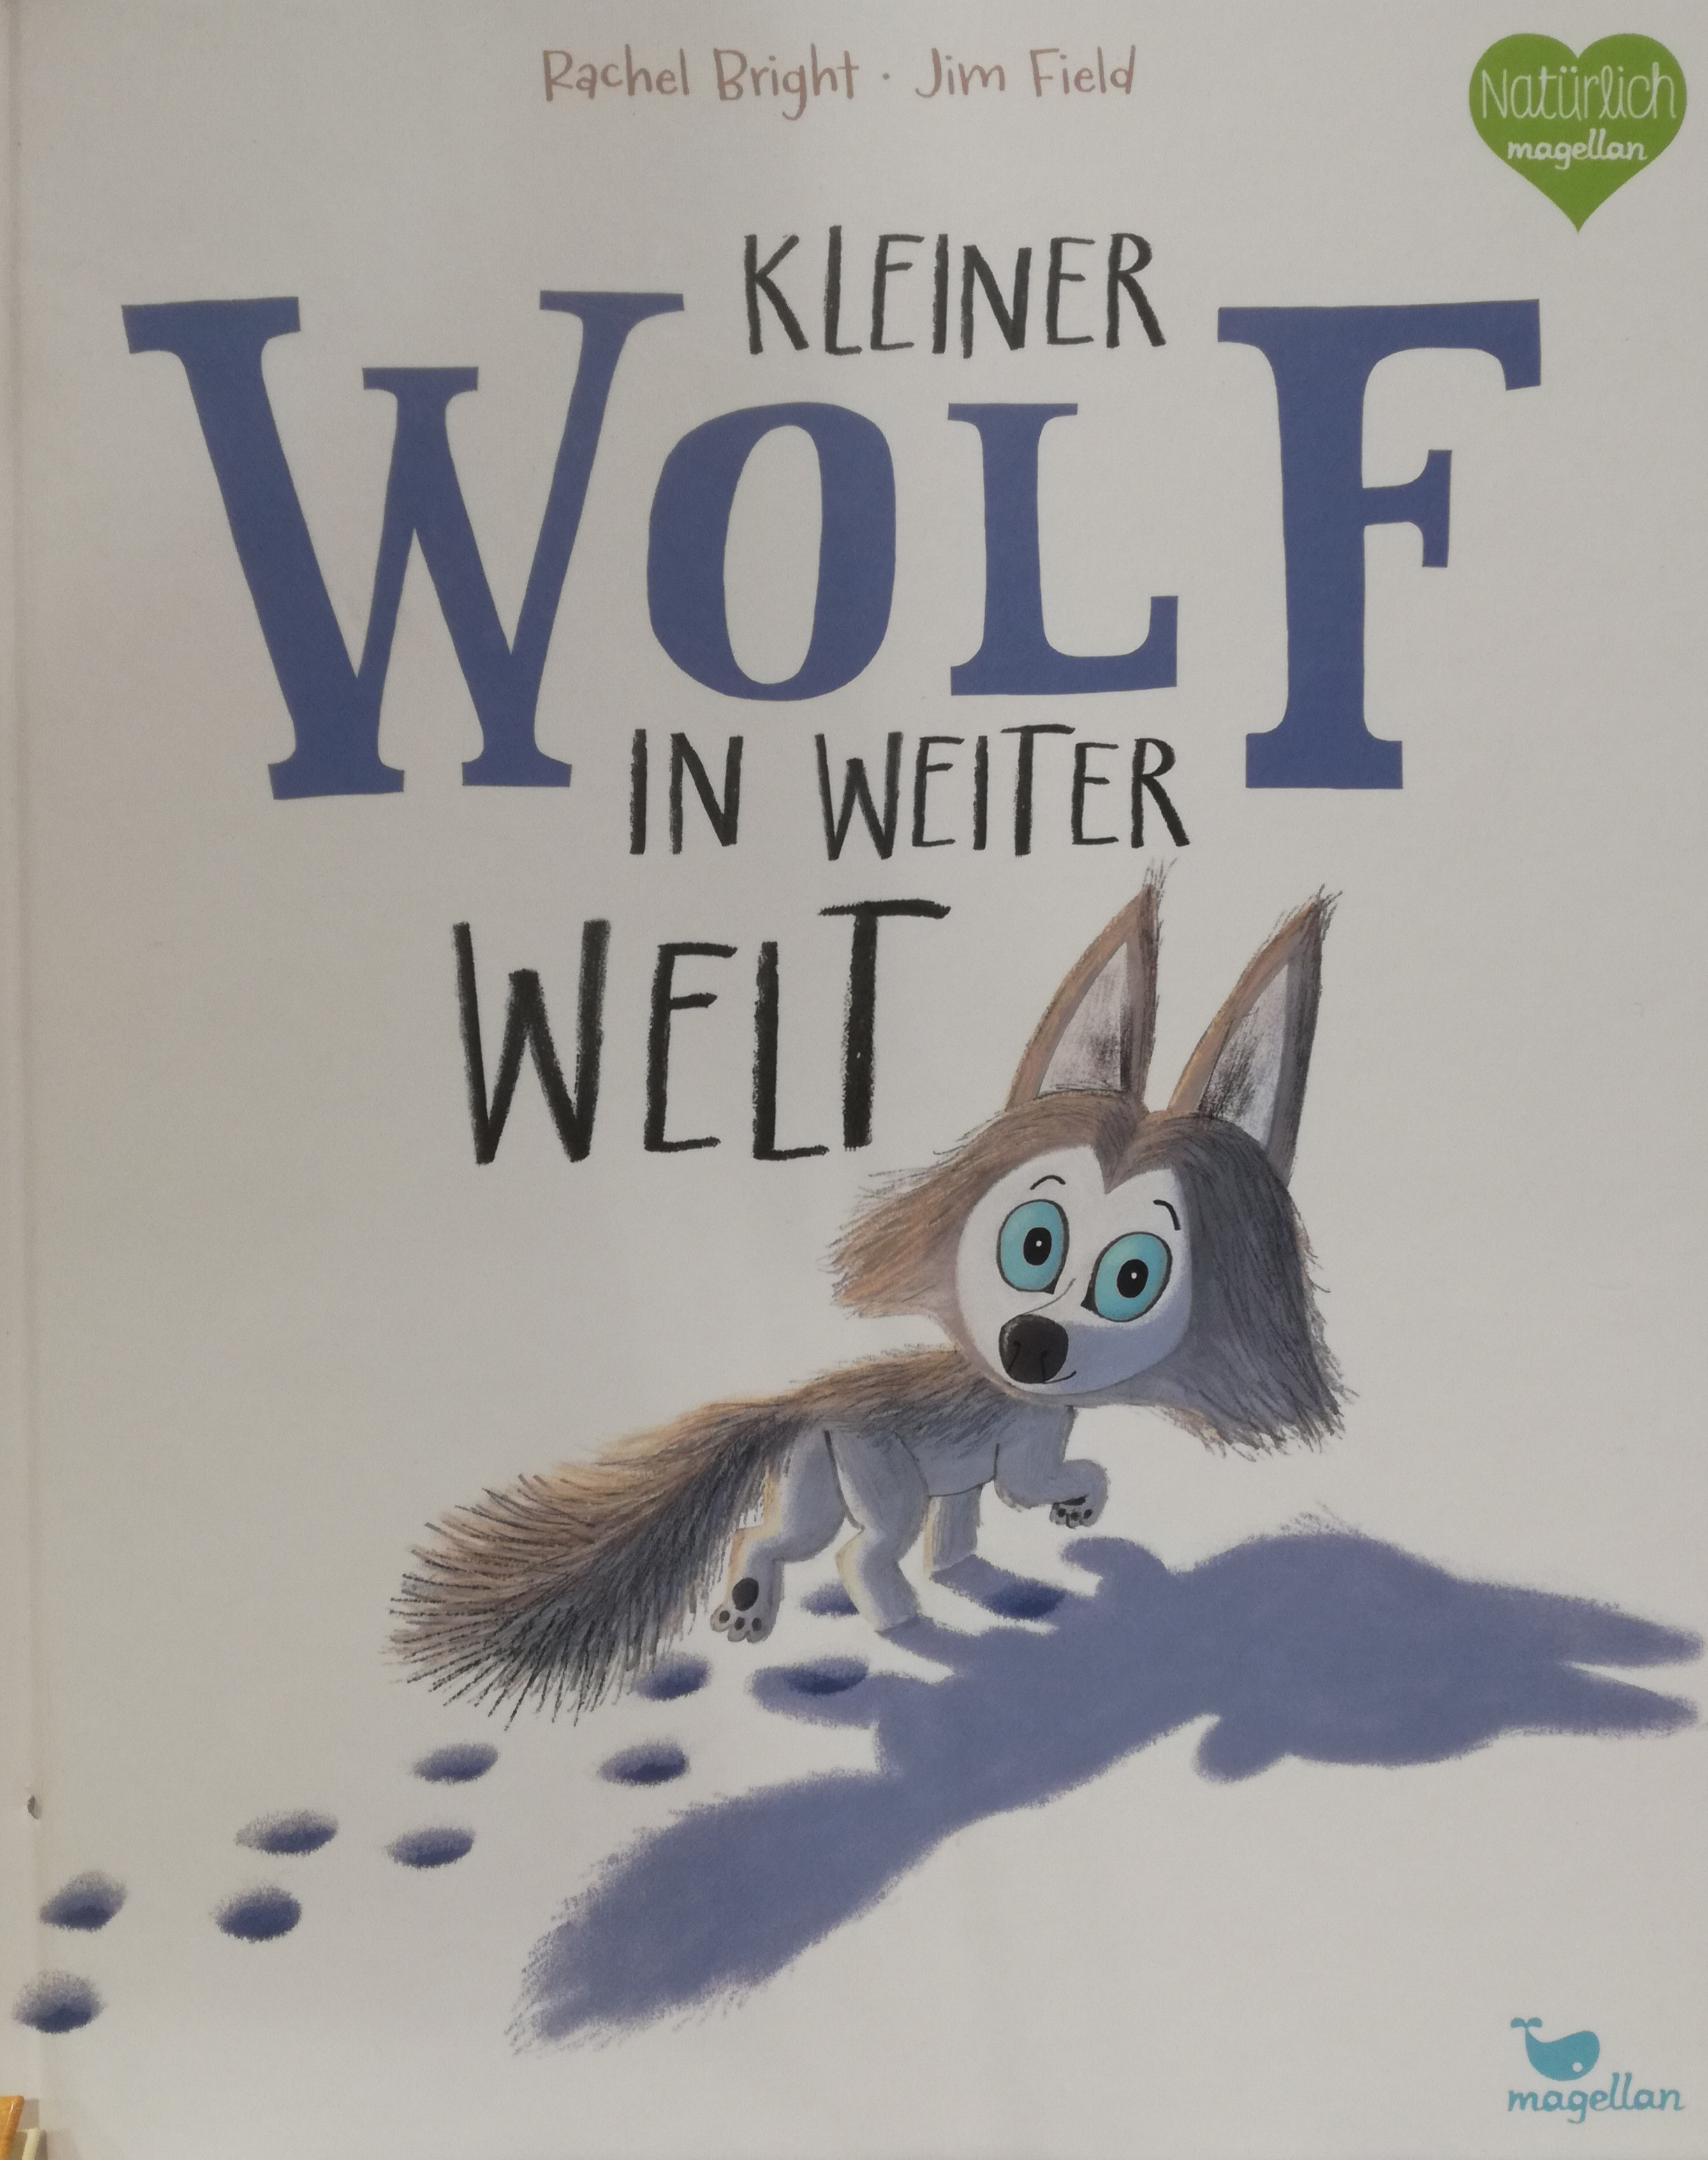 Kleiner Wolf in weiter Welt Book Cover